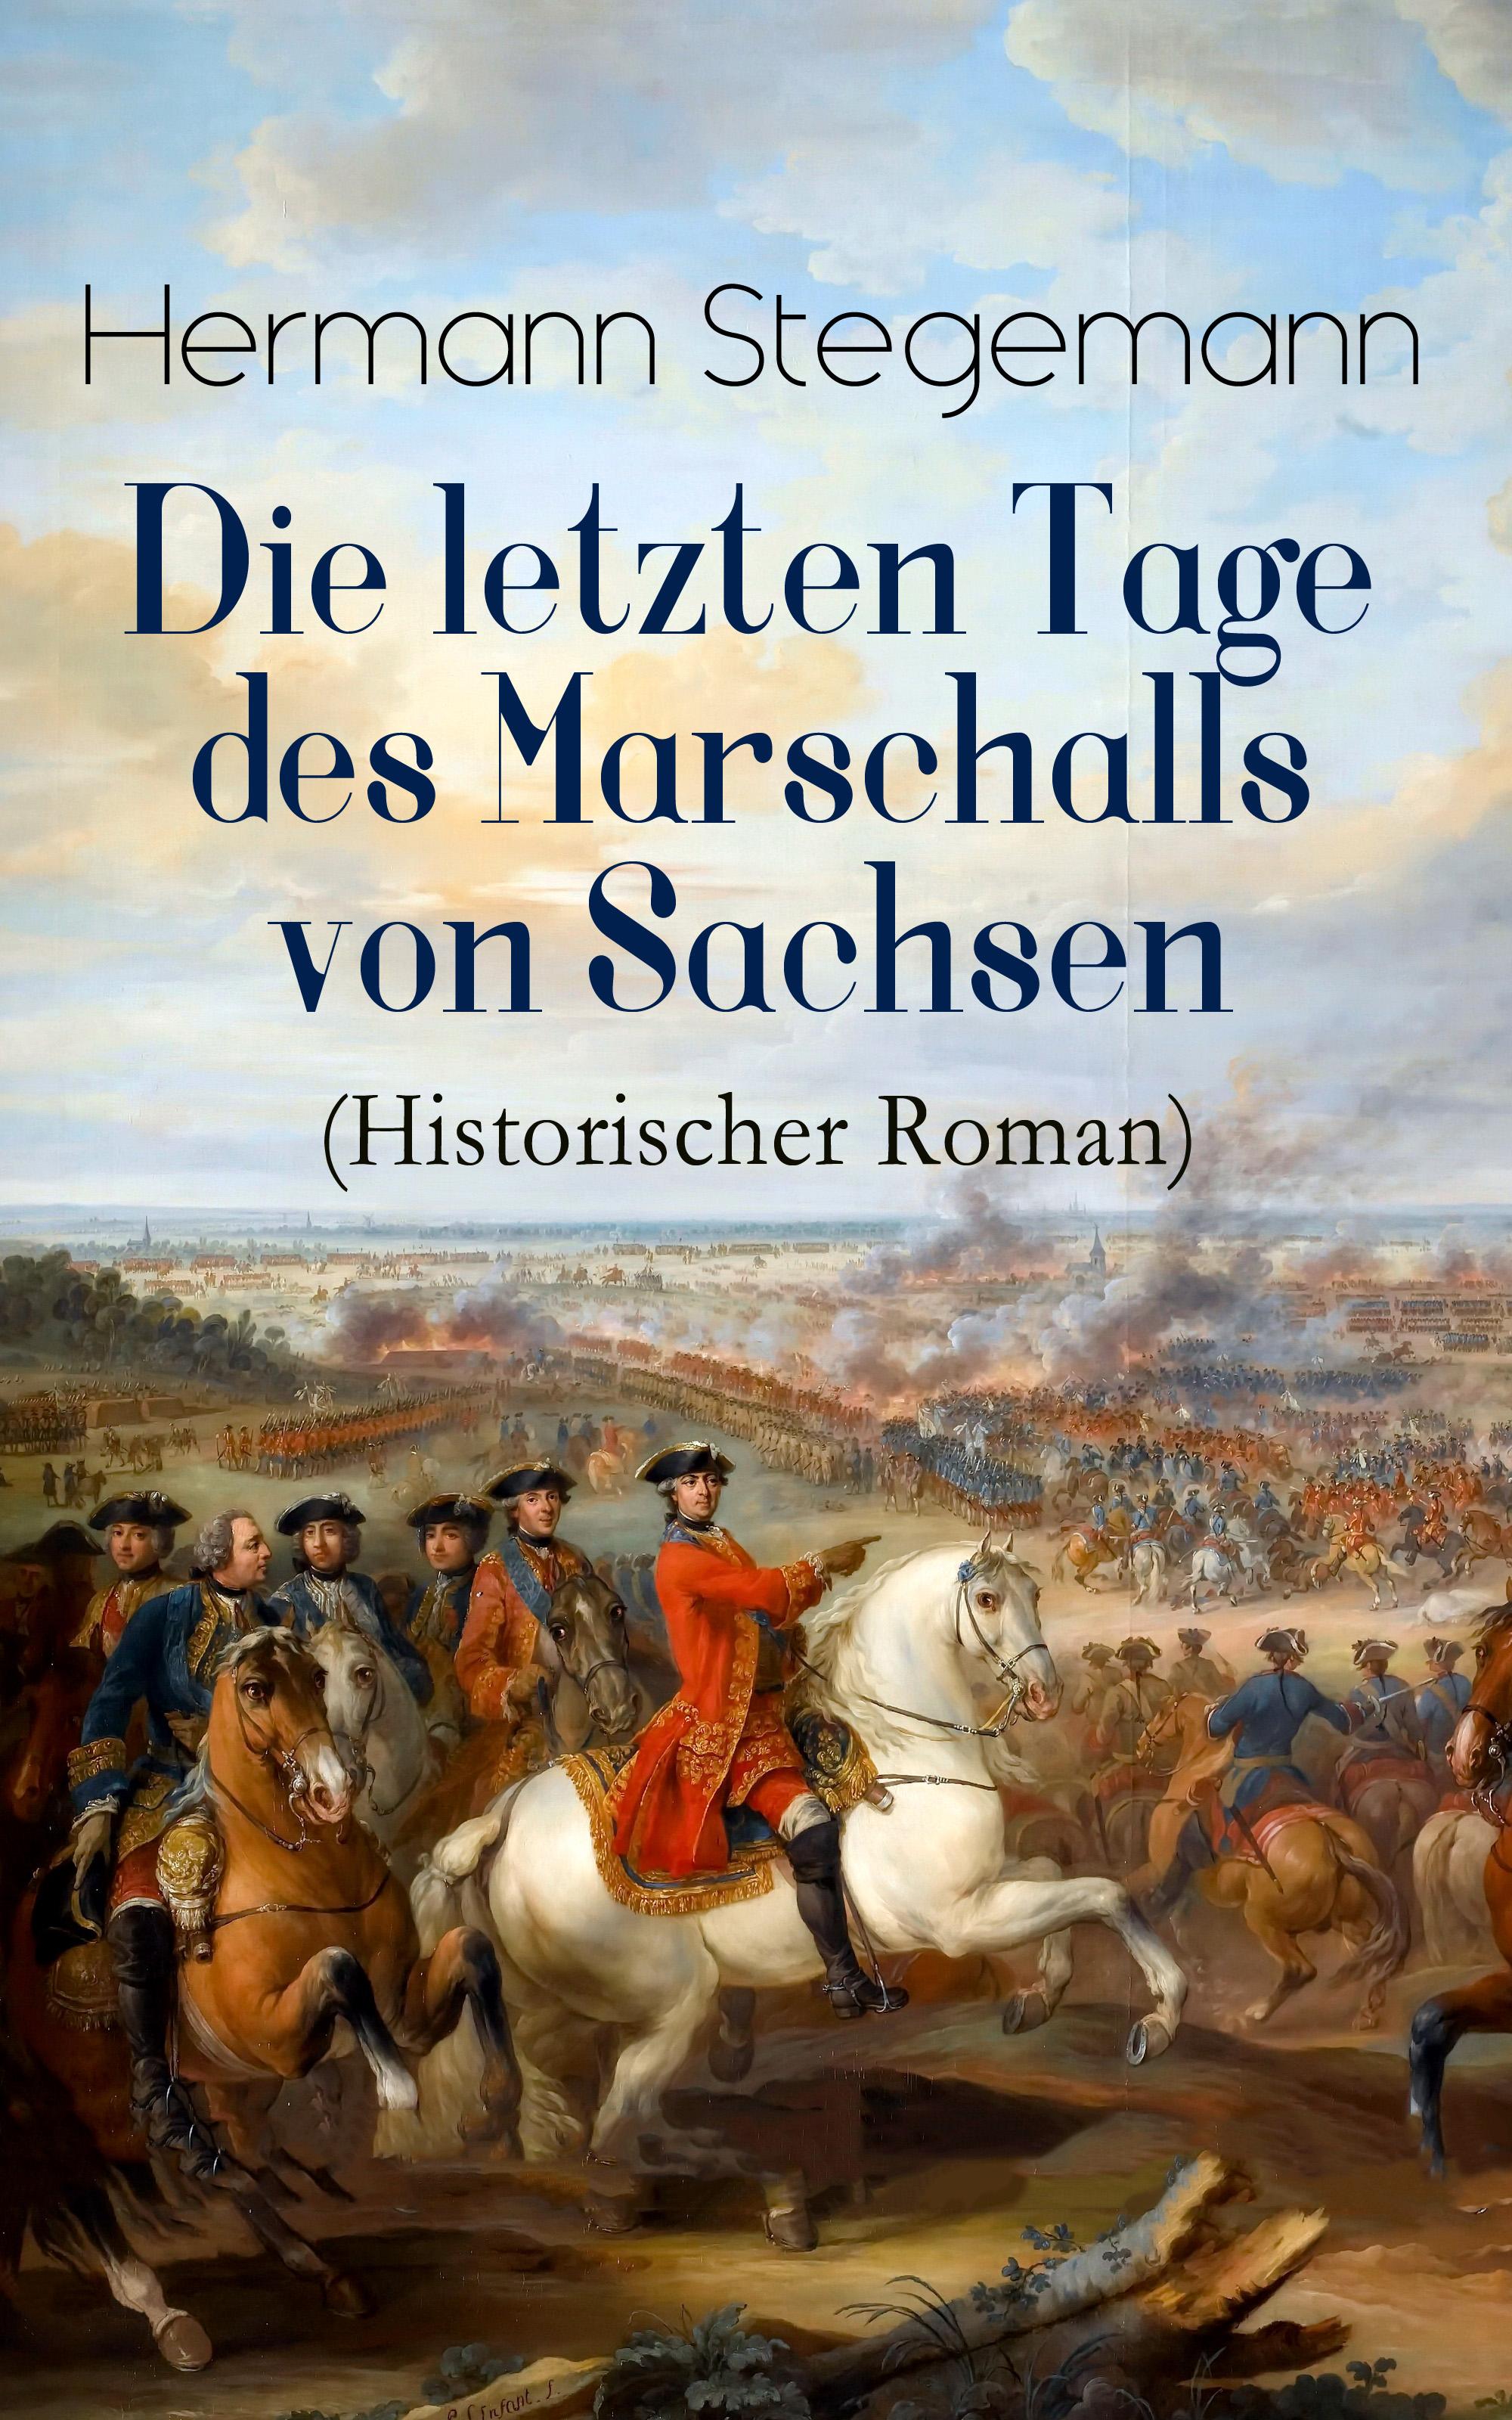 Hermann Stegemann Die letzten Tage des Marschalls von Sachsen (Historischer Roman) j c freiesleben magazin fur die oryktographie von sachsen